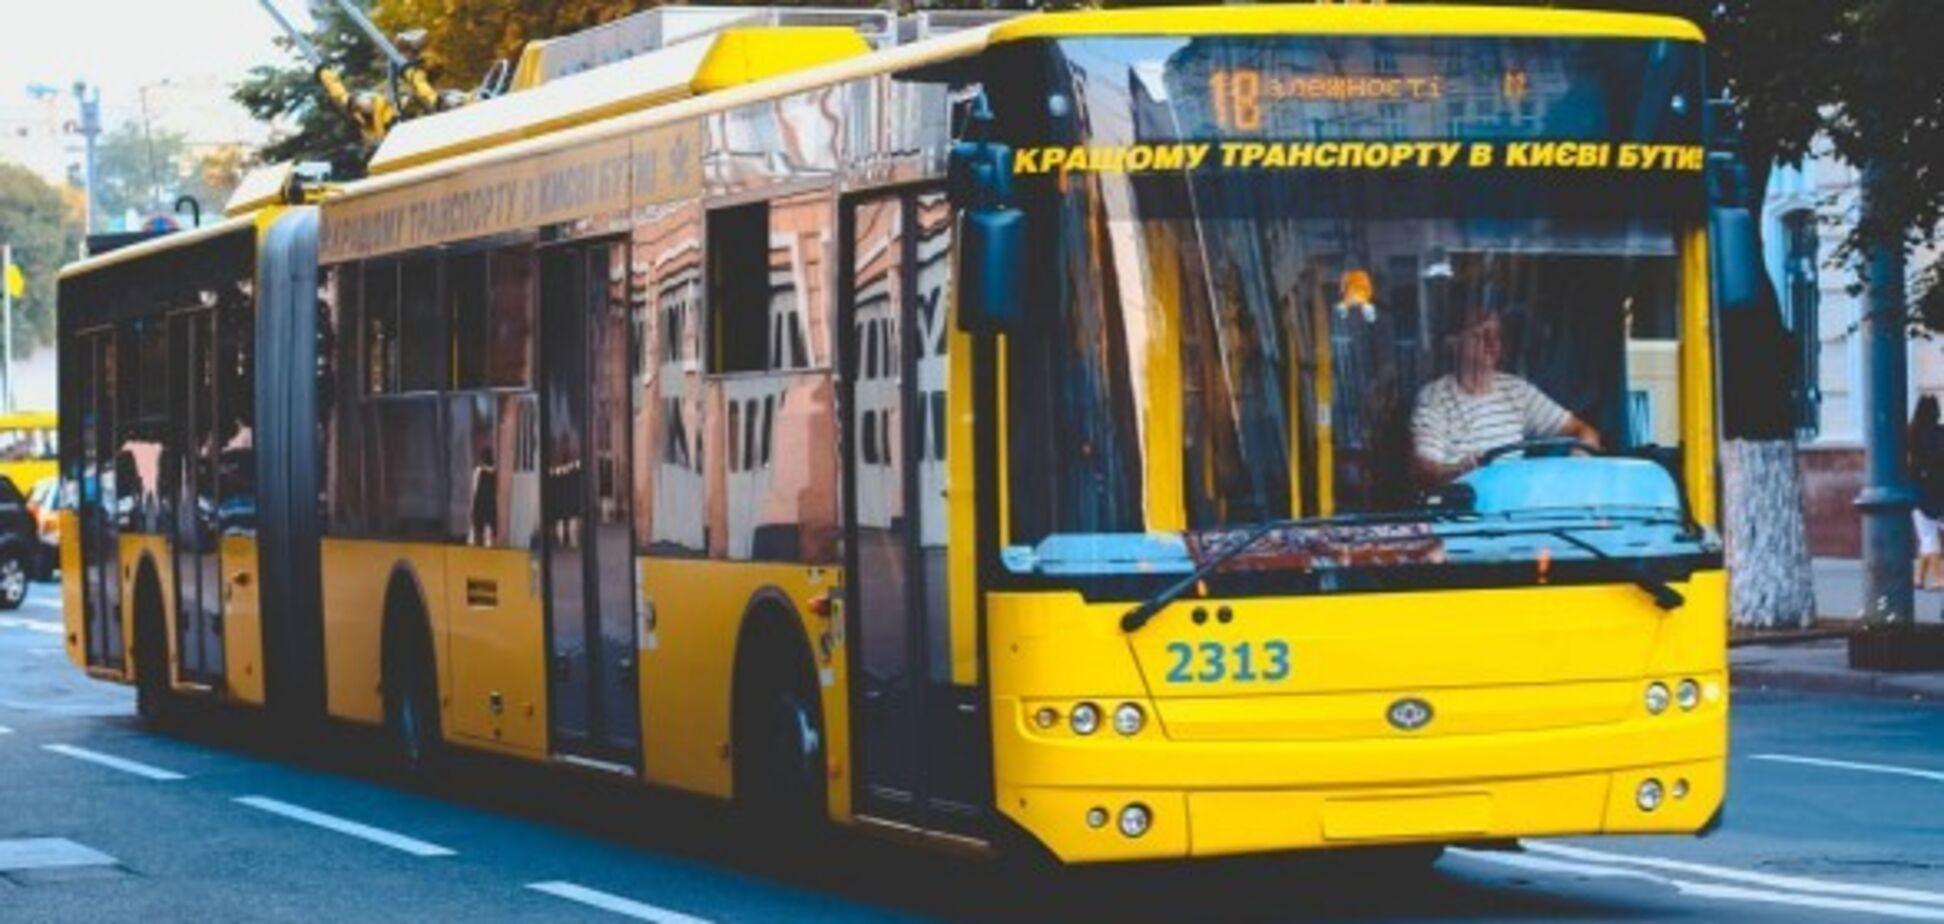 Топ регионов Украины: на сколько подорожал проезд по стране